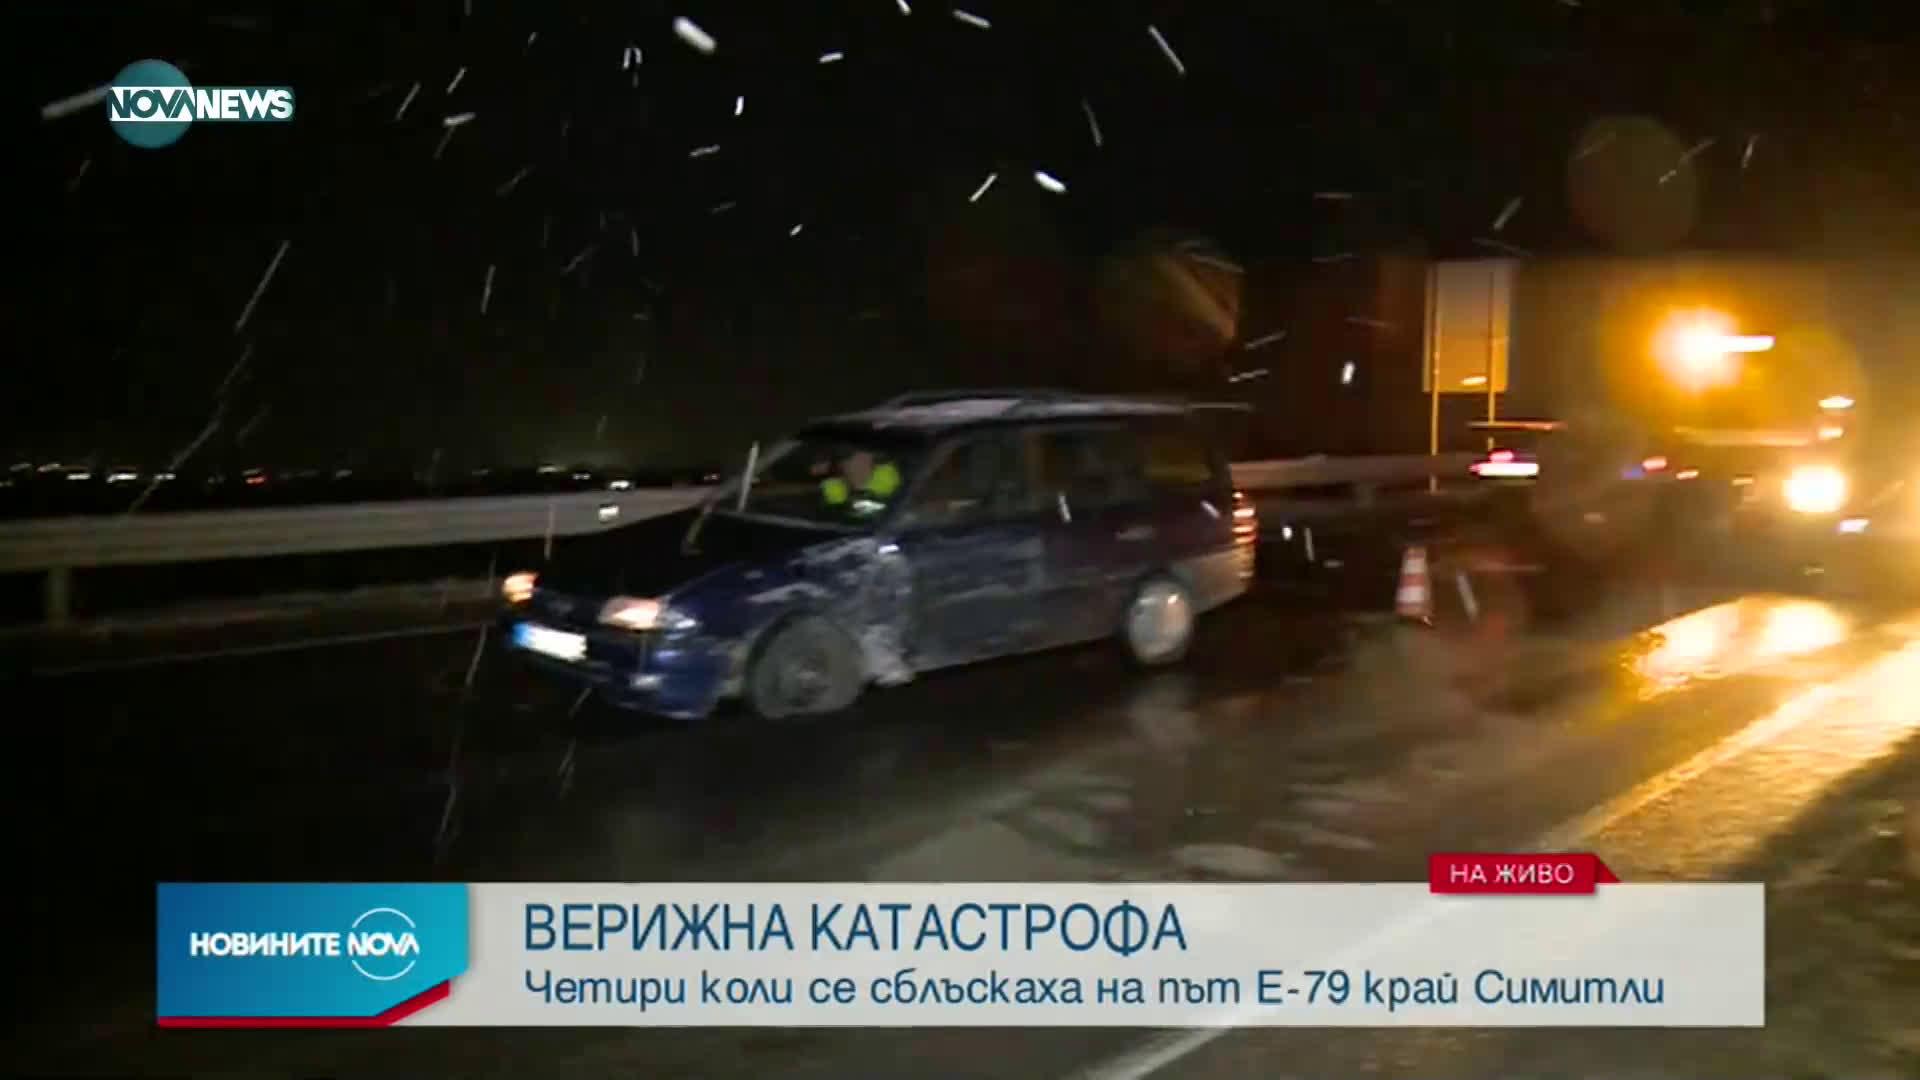 Тежка верижна катастрофа на пътя София - Кулата